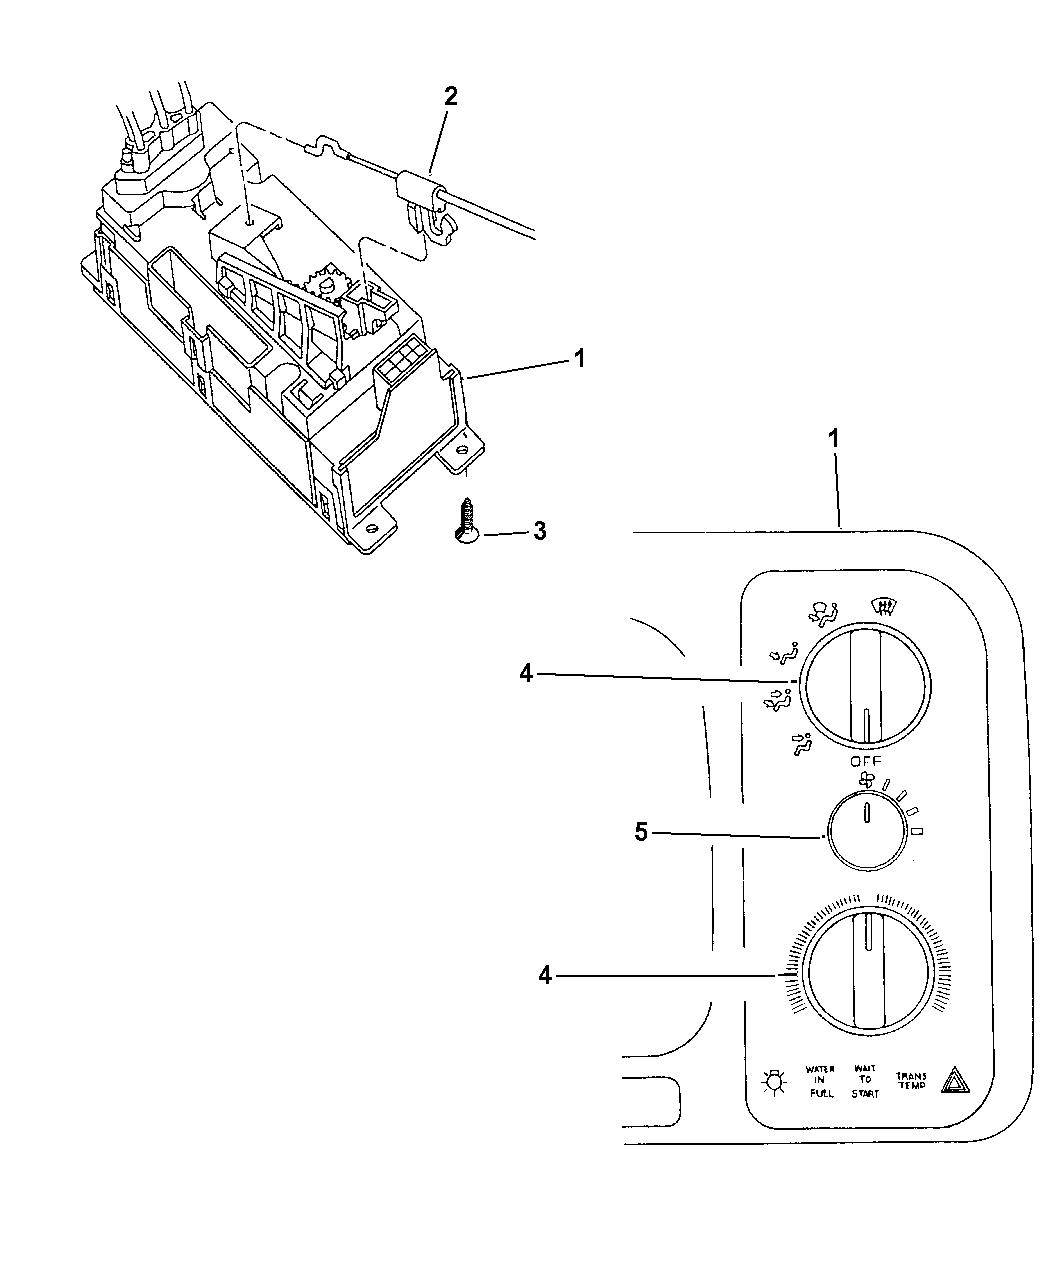 1997 Dodge Ram 3500 Control, Heater - Mopar Parts Giant